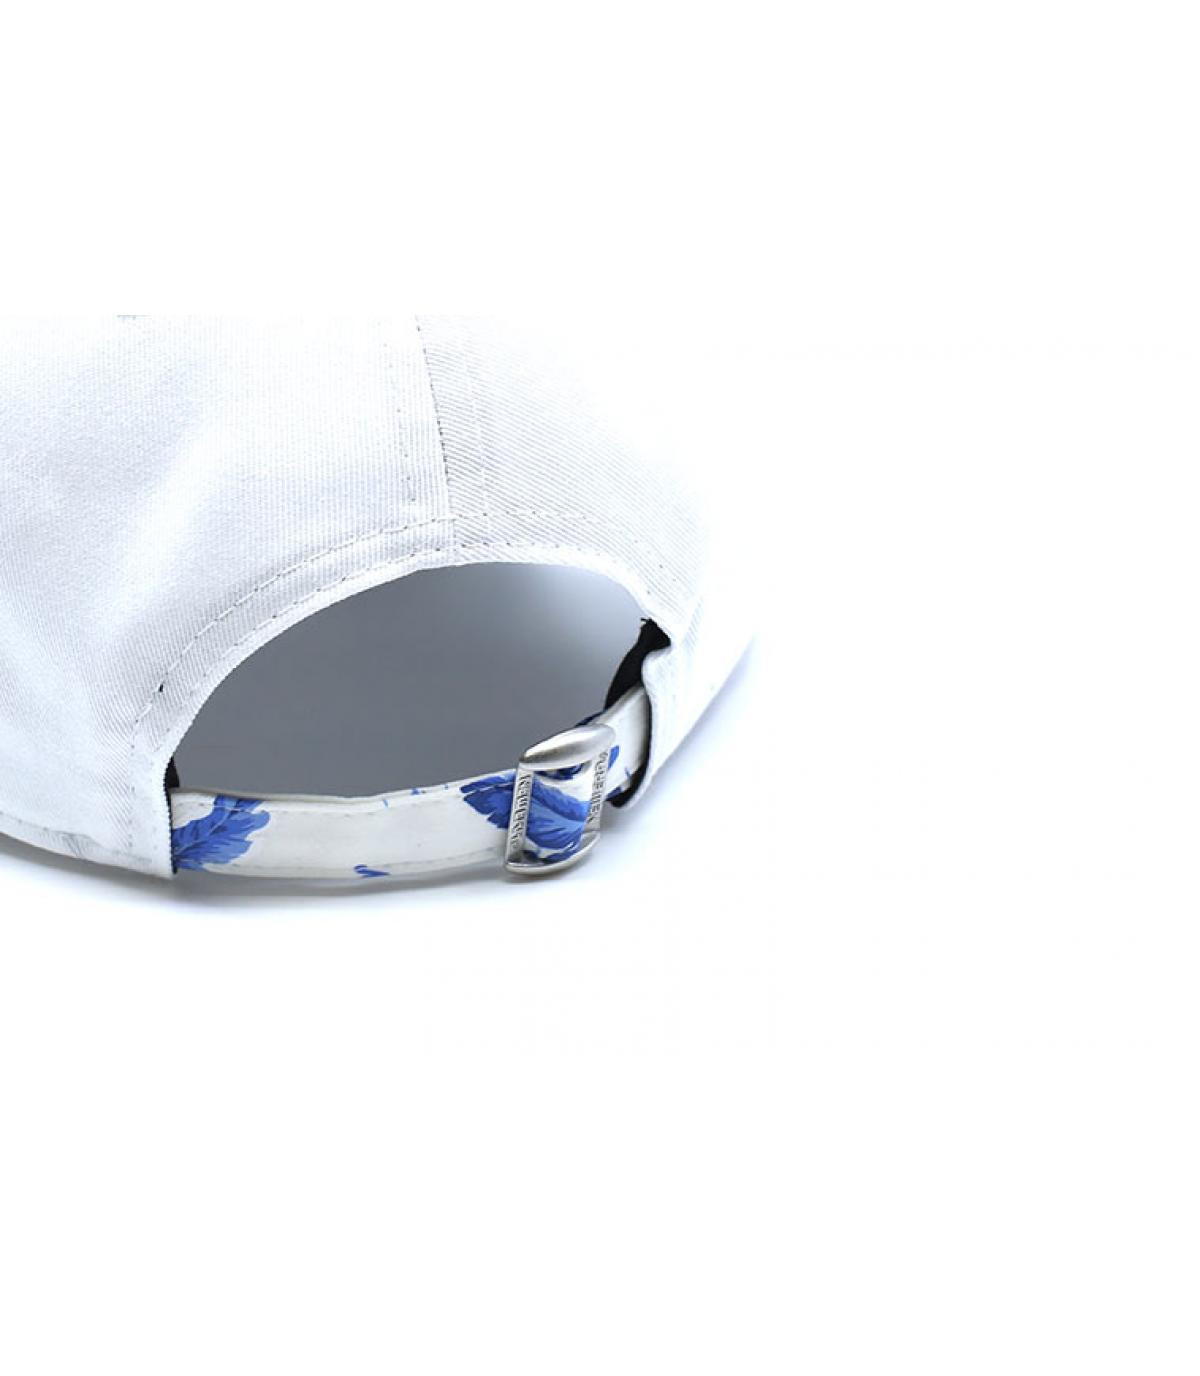 Détails Casquette MLB Light Weight LA 9Forty white blue - image 5